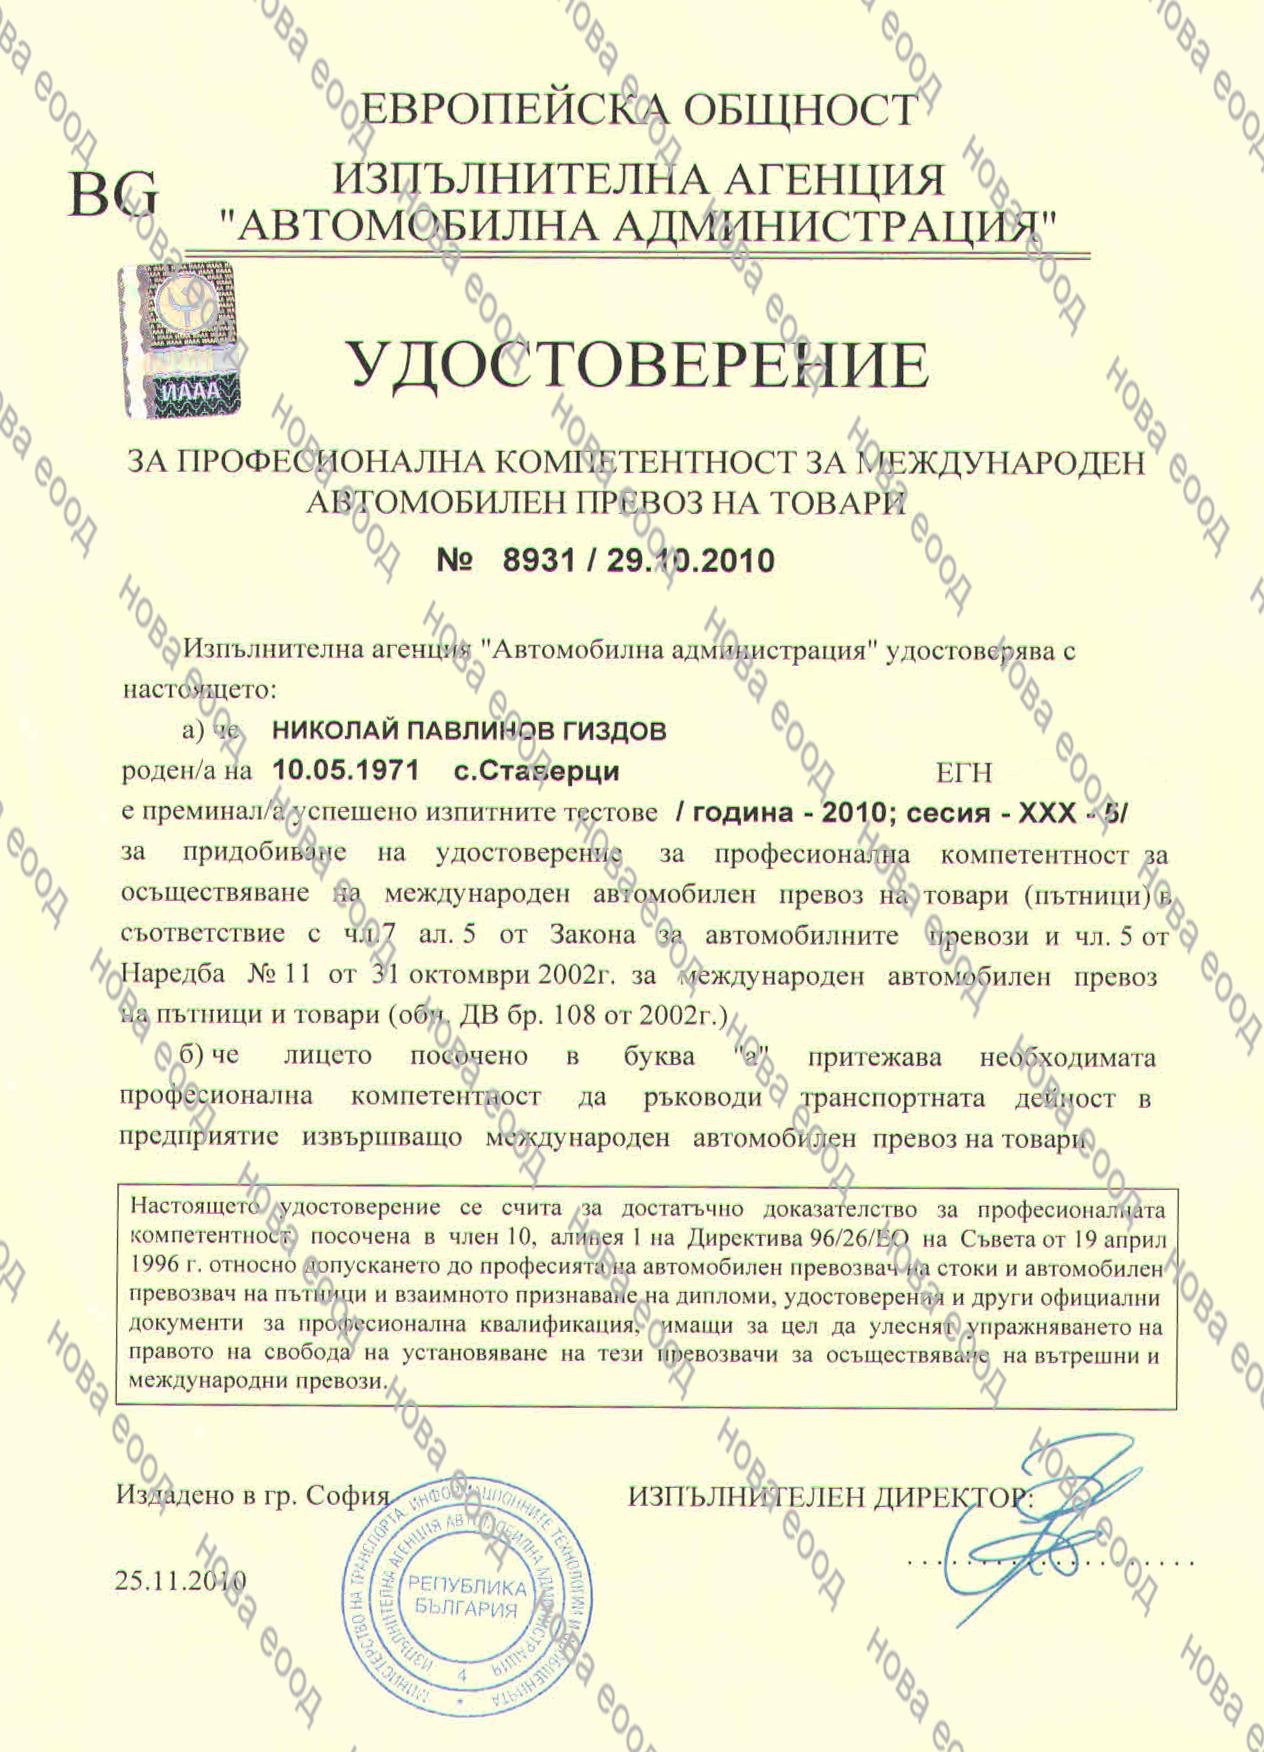 Сертификат Гиздов Нова ЕООД